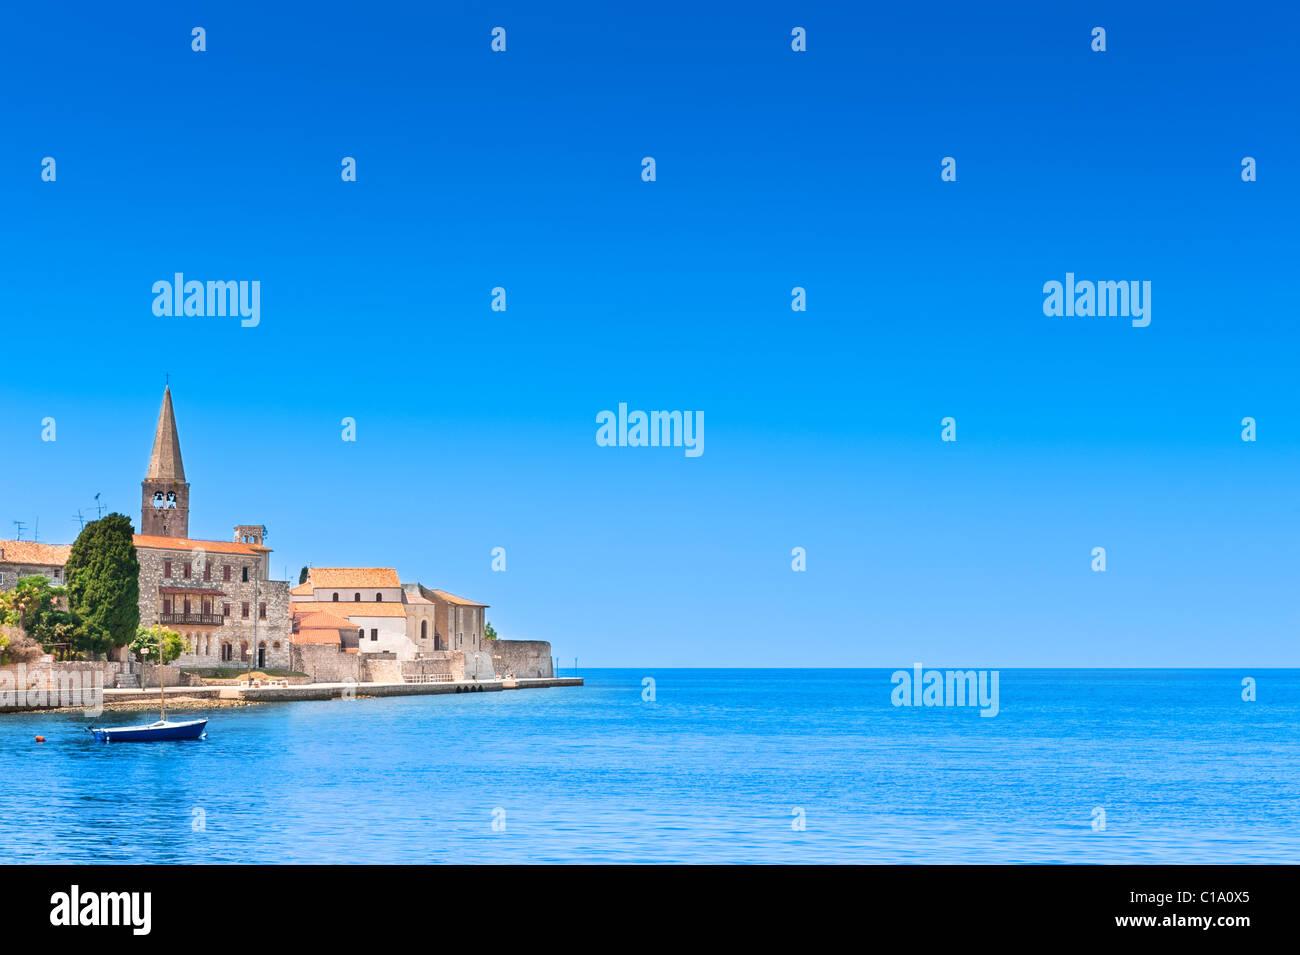 Casco antiguo de Porec en Croacia, la costa del Adriático, la región de Istria, popular destino turístico. Imagen De Stock